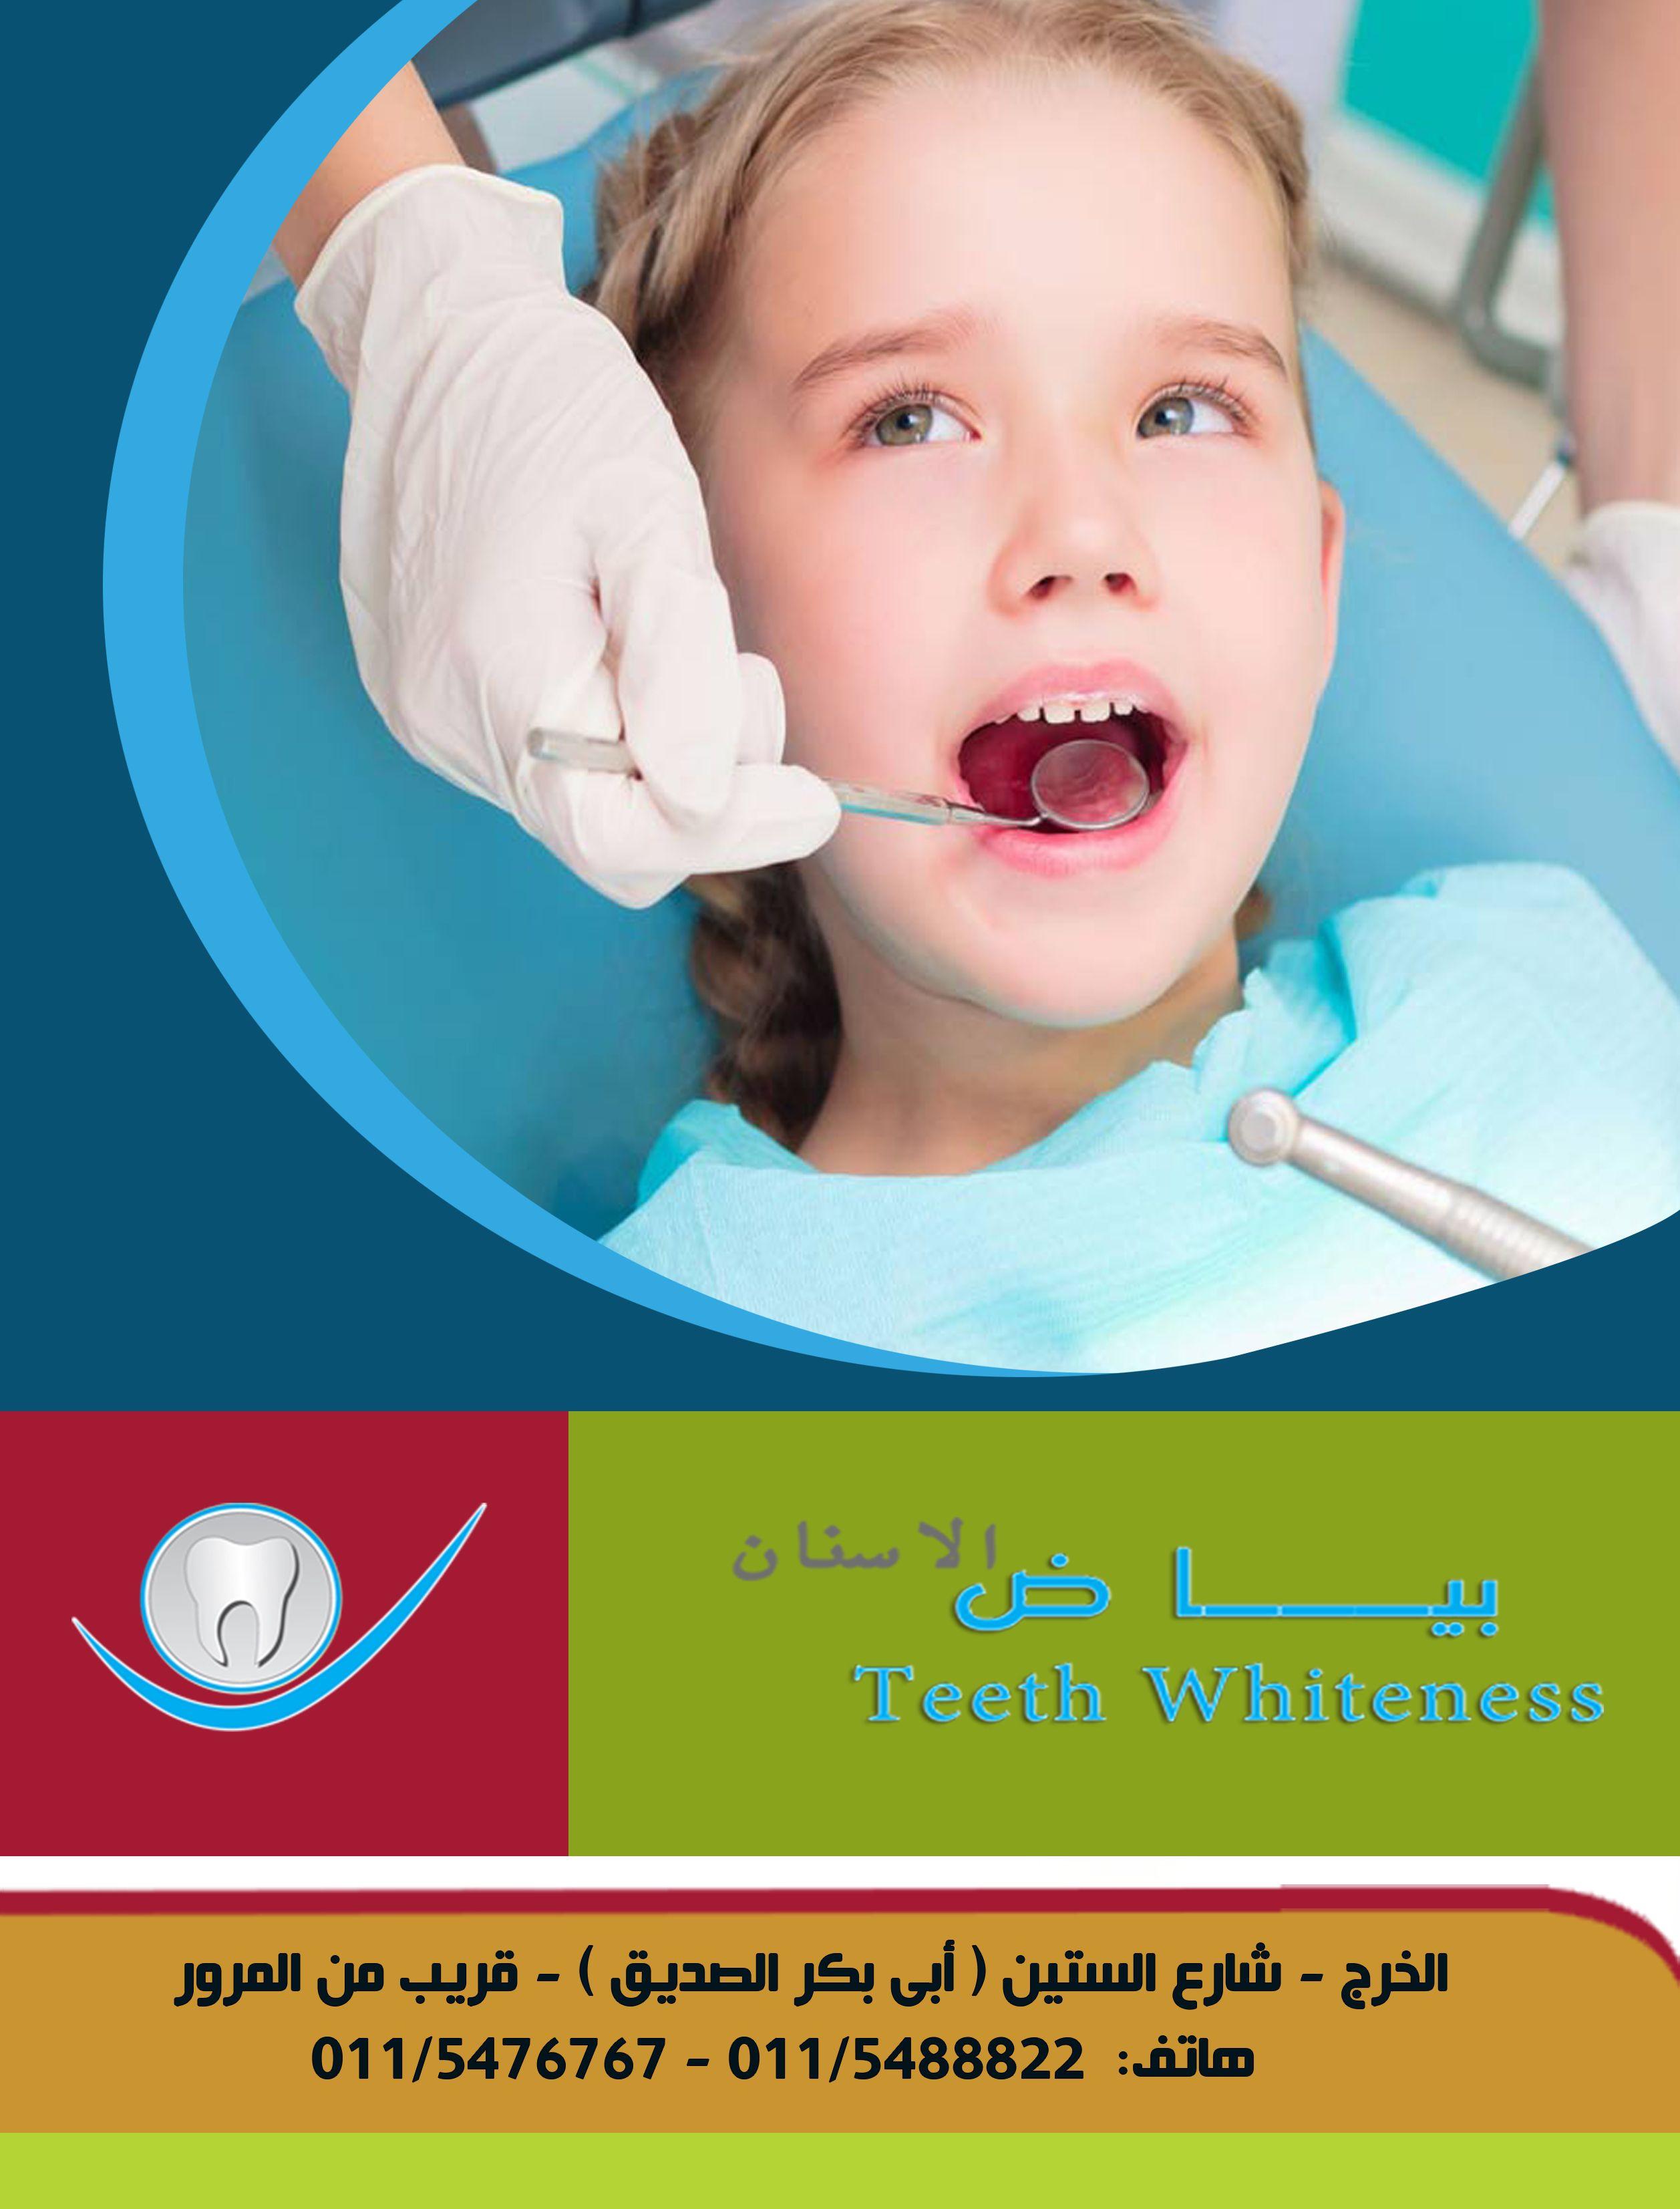 تقويم الاسنان سوف يحدد طبيب أسنانك نوع الجهاز الأفضل لك لمعالجة مشكلتك ولكن كثيرا ما يترك الاختيار للمريض تتوفر أجهزة تقويم الأسنان ب Children Clinic Teeth